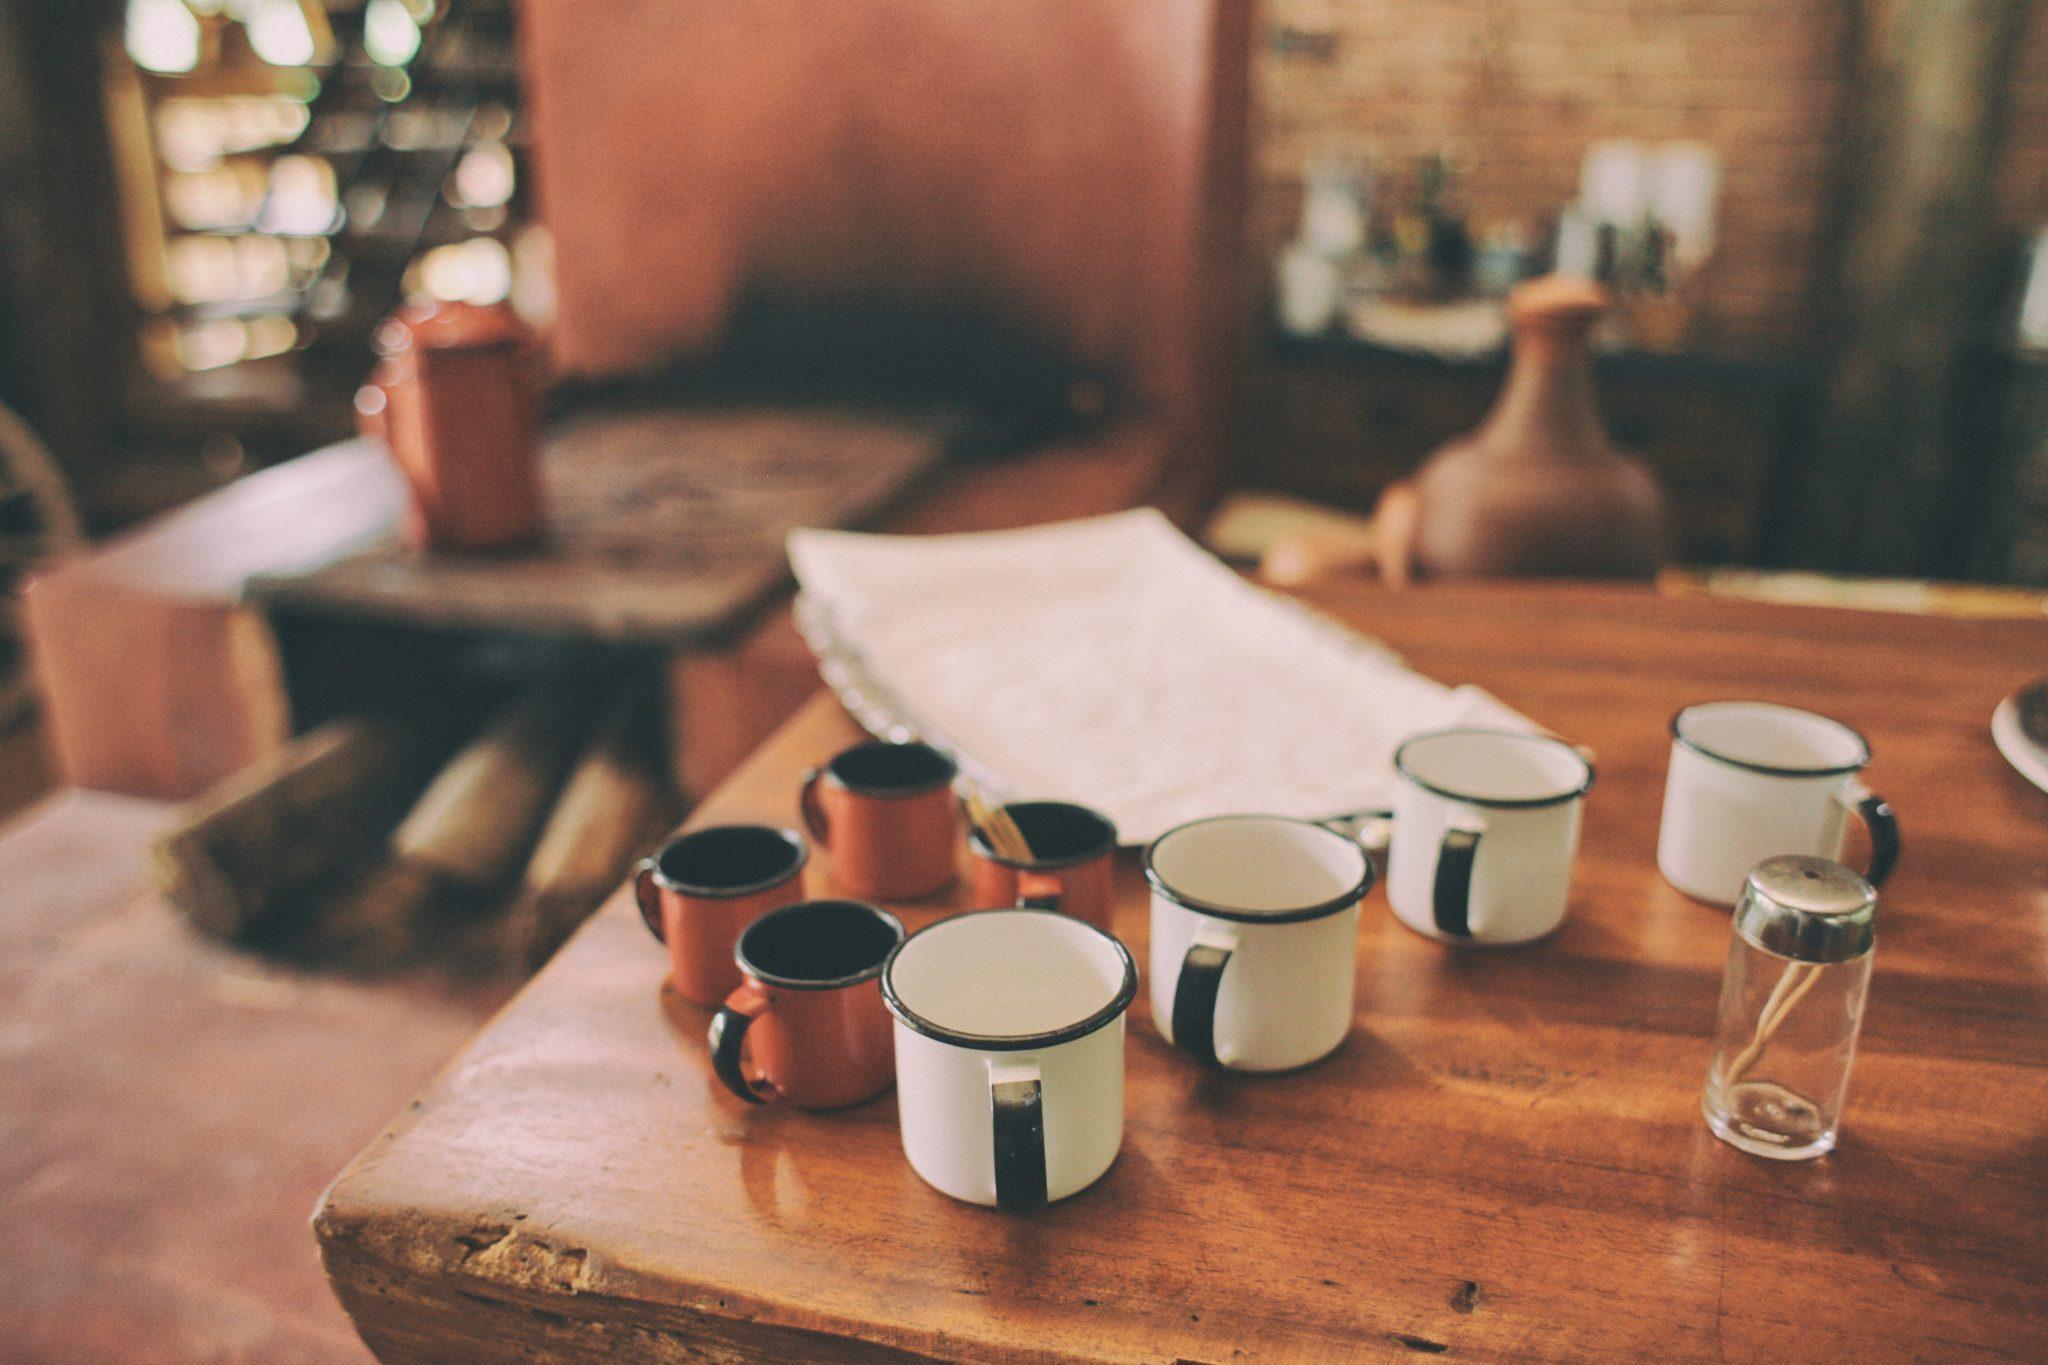 Image décorative - Bloc de papier posé sur une table en bois avec des tasses de cafés